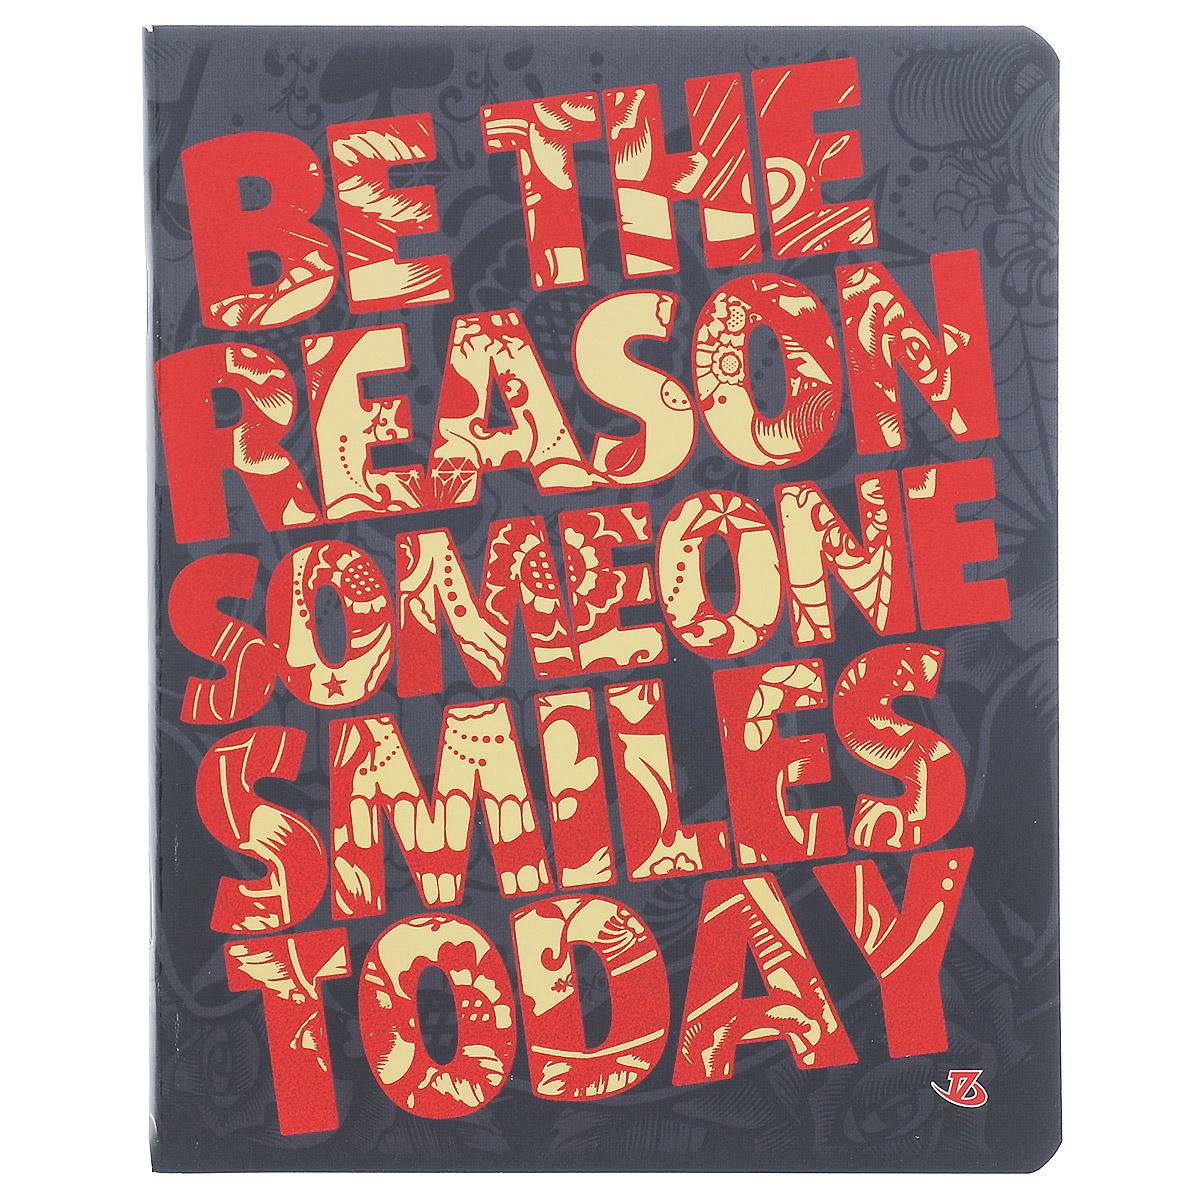 Тетрадь Be the reason someone smiles today, 60 листов, формат А5, цвет: красный72523WDТетрадь в клетку Be the reason someone smiles today подойдет как студенту, так и школьнику. Обложка тетради с закругленными углами выполнена из картона. Надпись Be the reason someone smiles today нанесена на обложку с элементами тиснения фольгой красного цвета. Внутренний блок состоит из 60 листов офсетной бумаги, способ крепления - скрепка. Линовка листов стандартная - в клетку. Внутри содержатся страничка для заполнения личных данных.